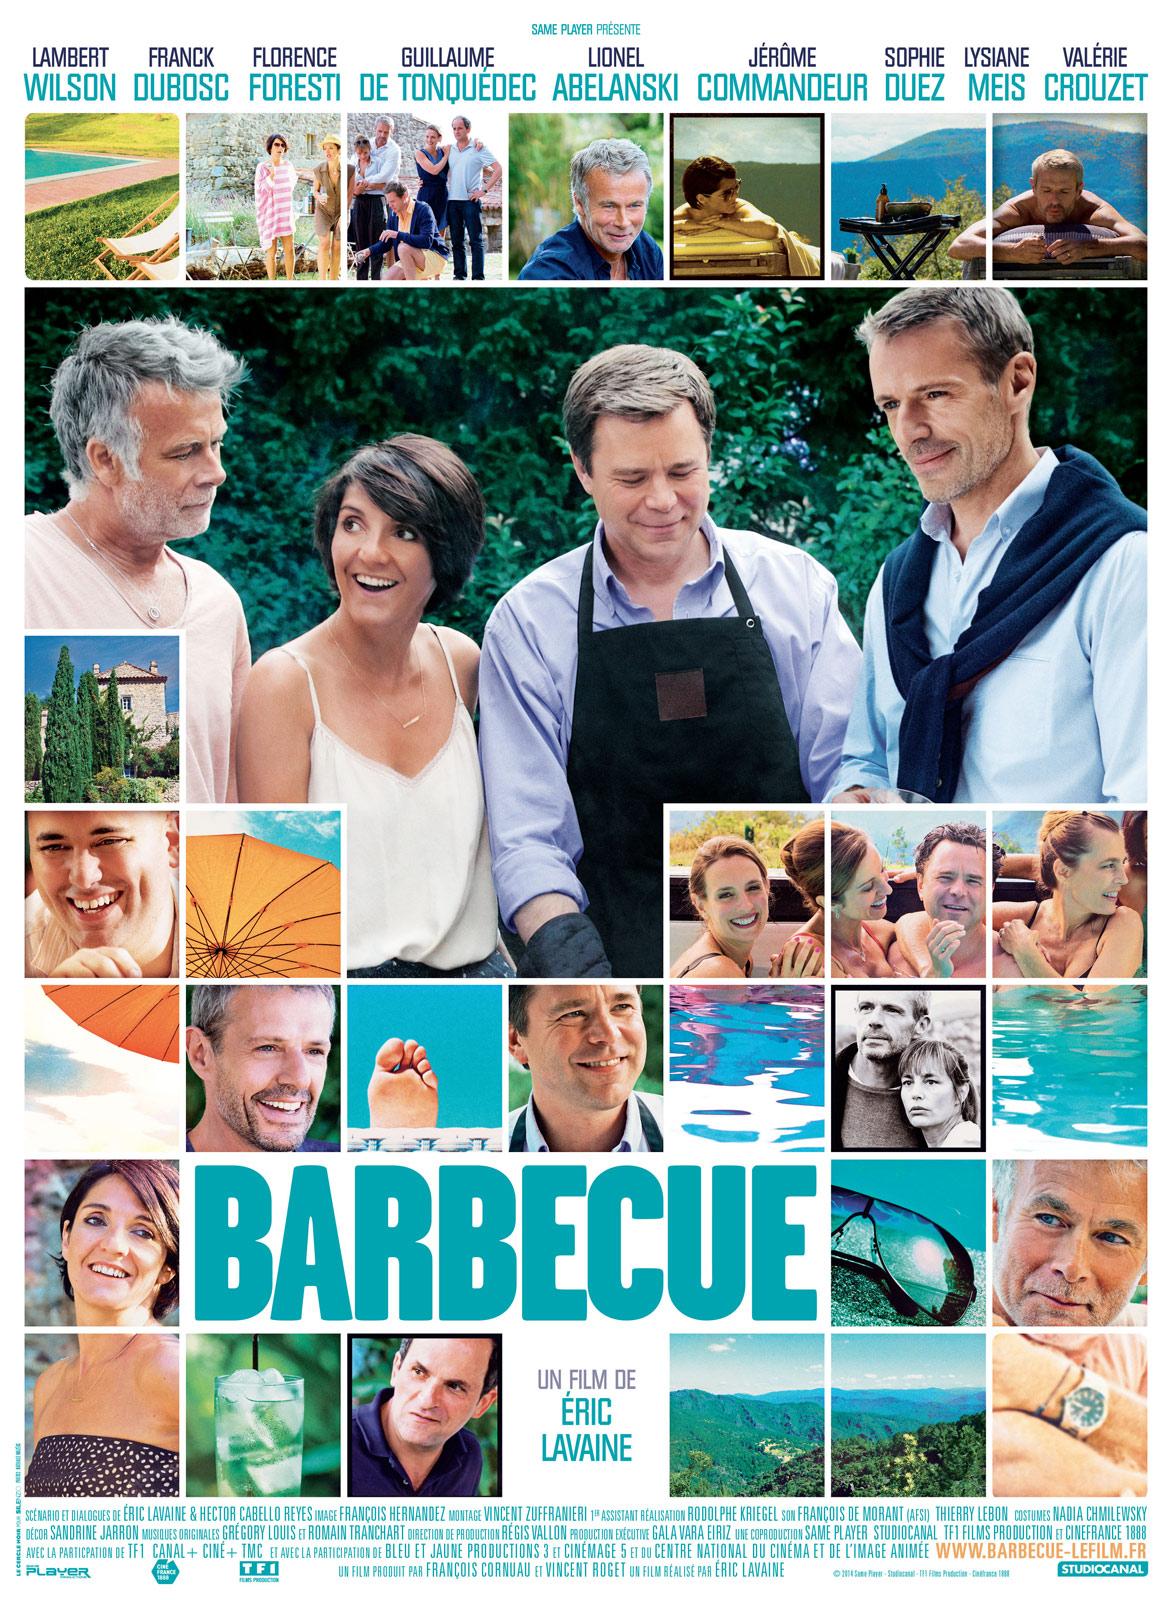 Barbecue - 30/04/2014